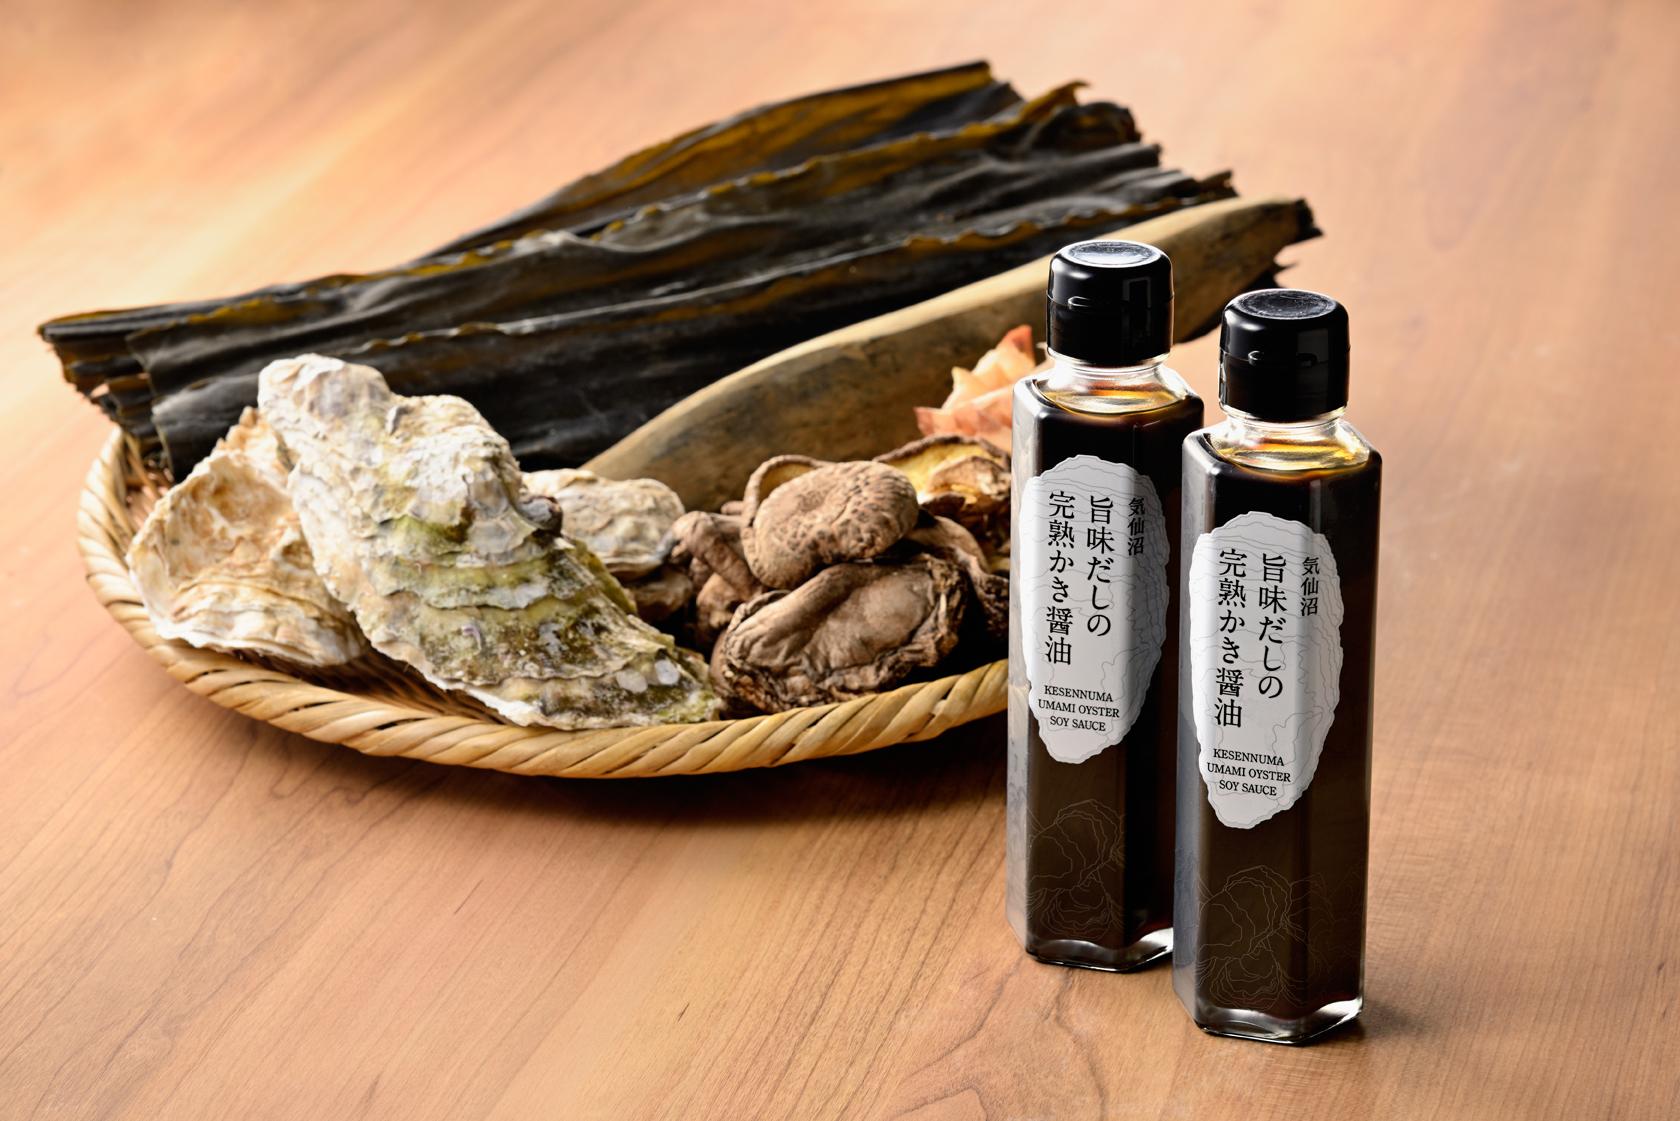 Ishiwata Shoten Kesennuma Oyster Soya Sauce 150ml